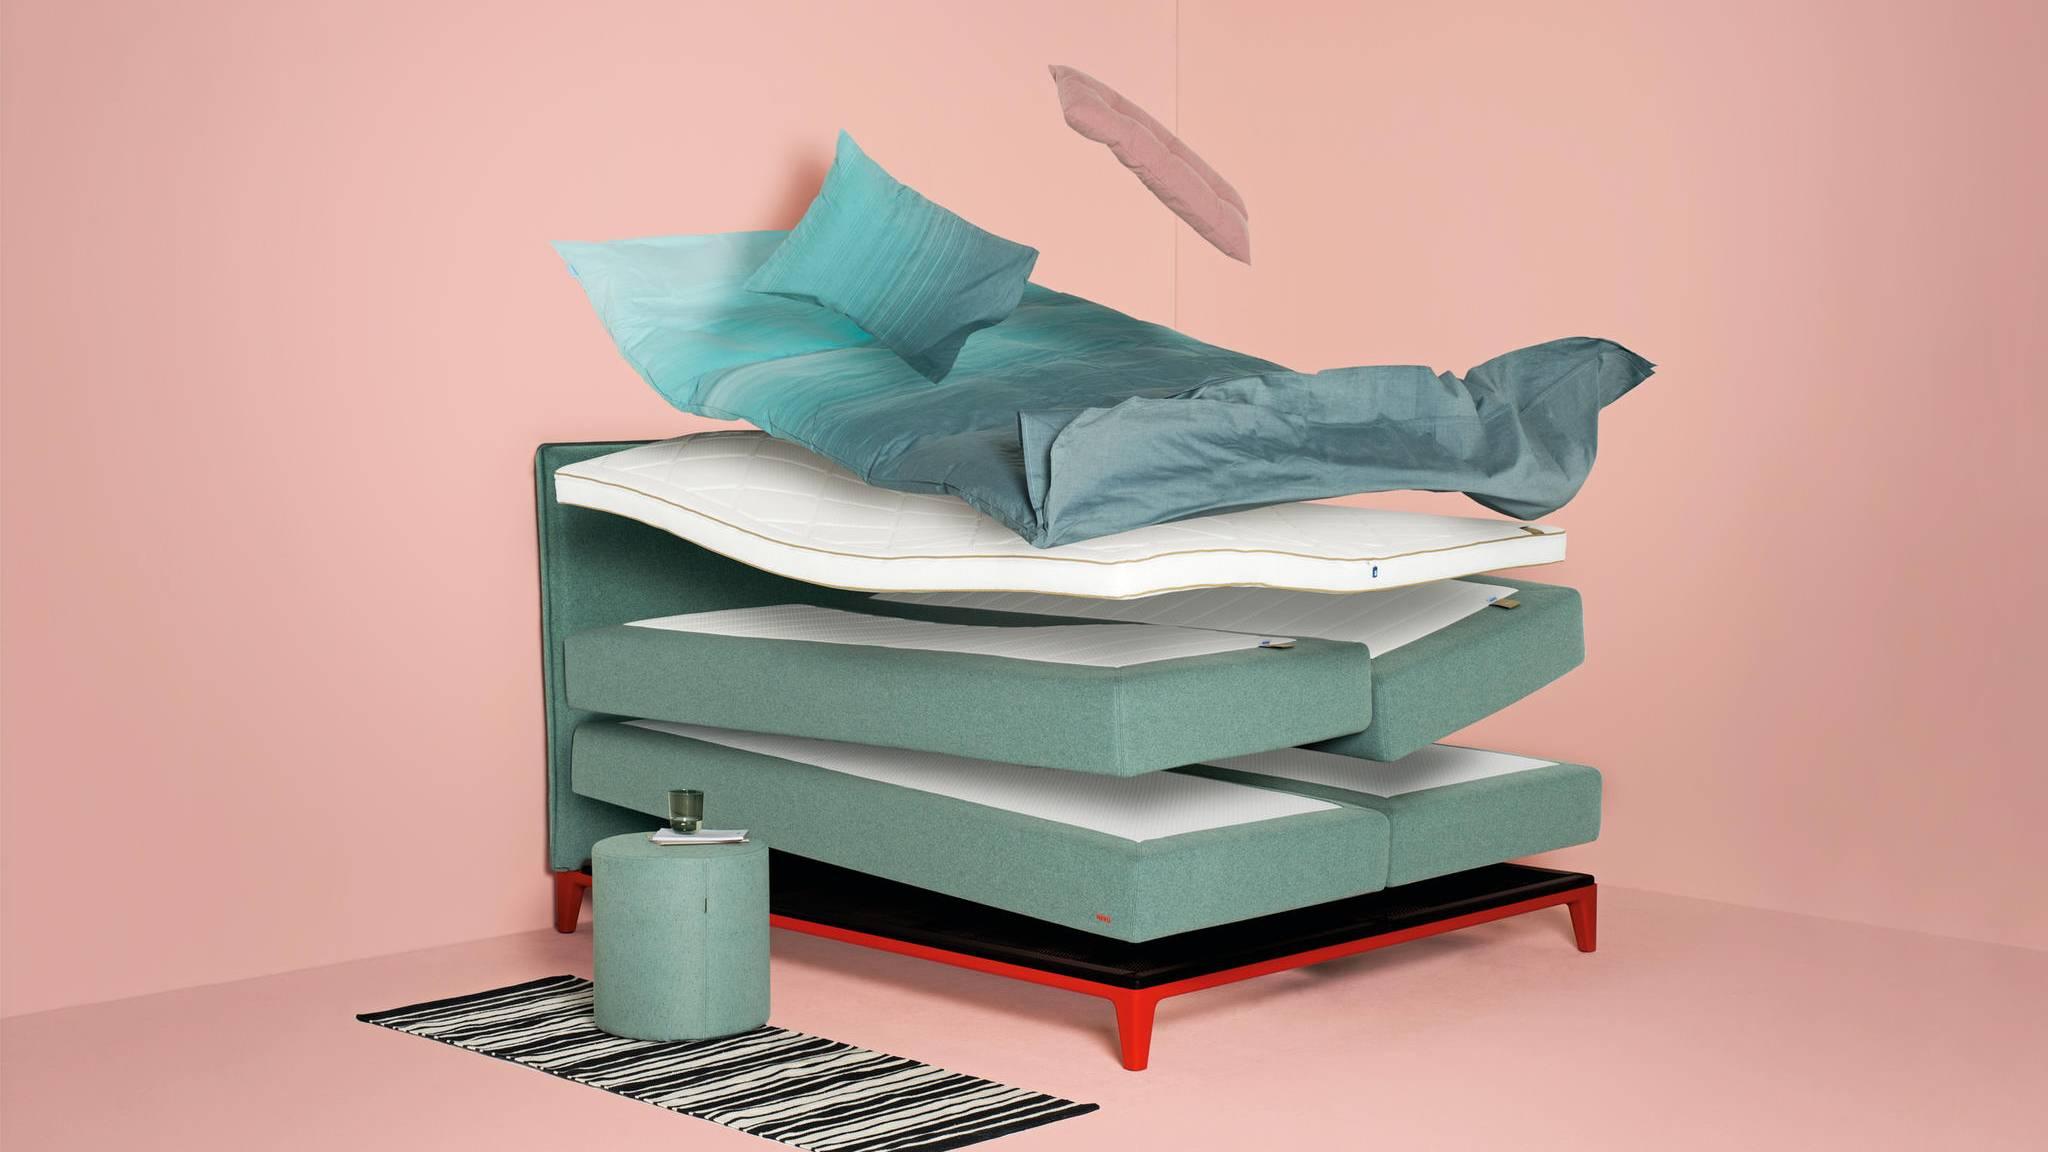 e61542cdaf Betten Test: Was Sie beim Bettenkauf beachten sollten | STERN.de